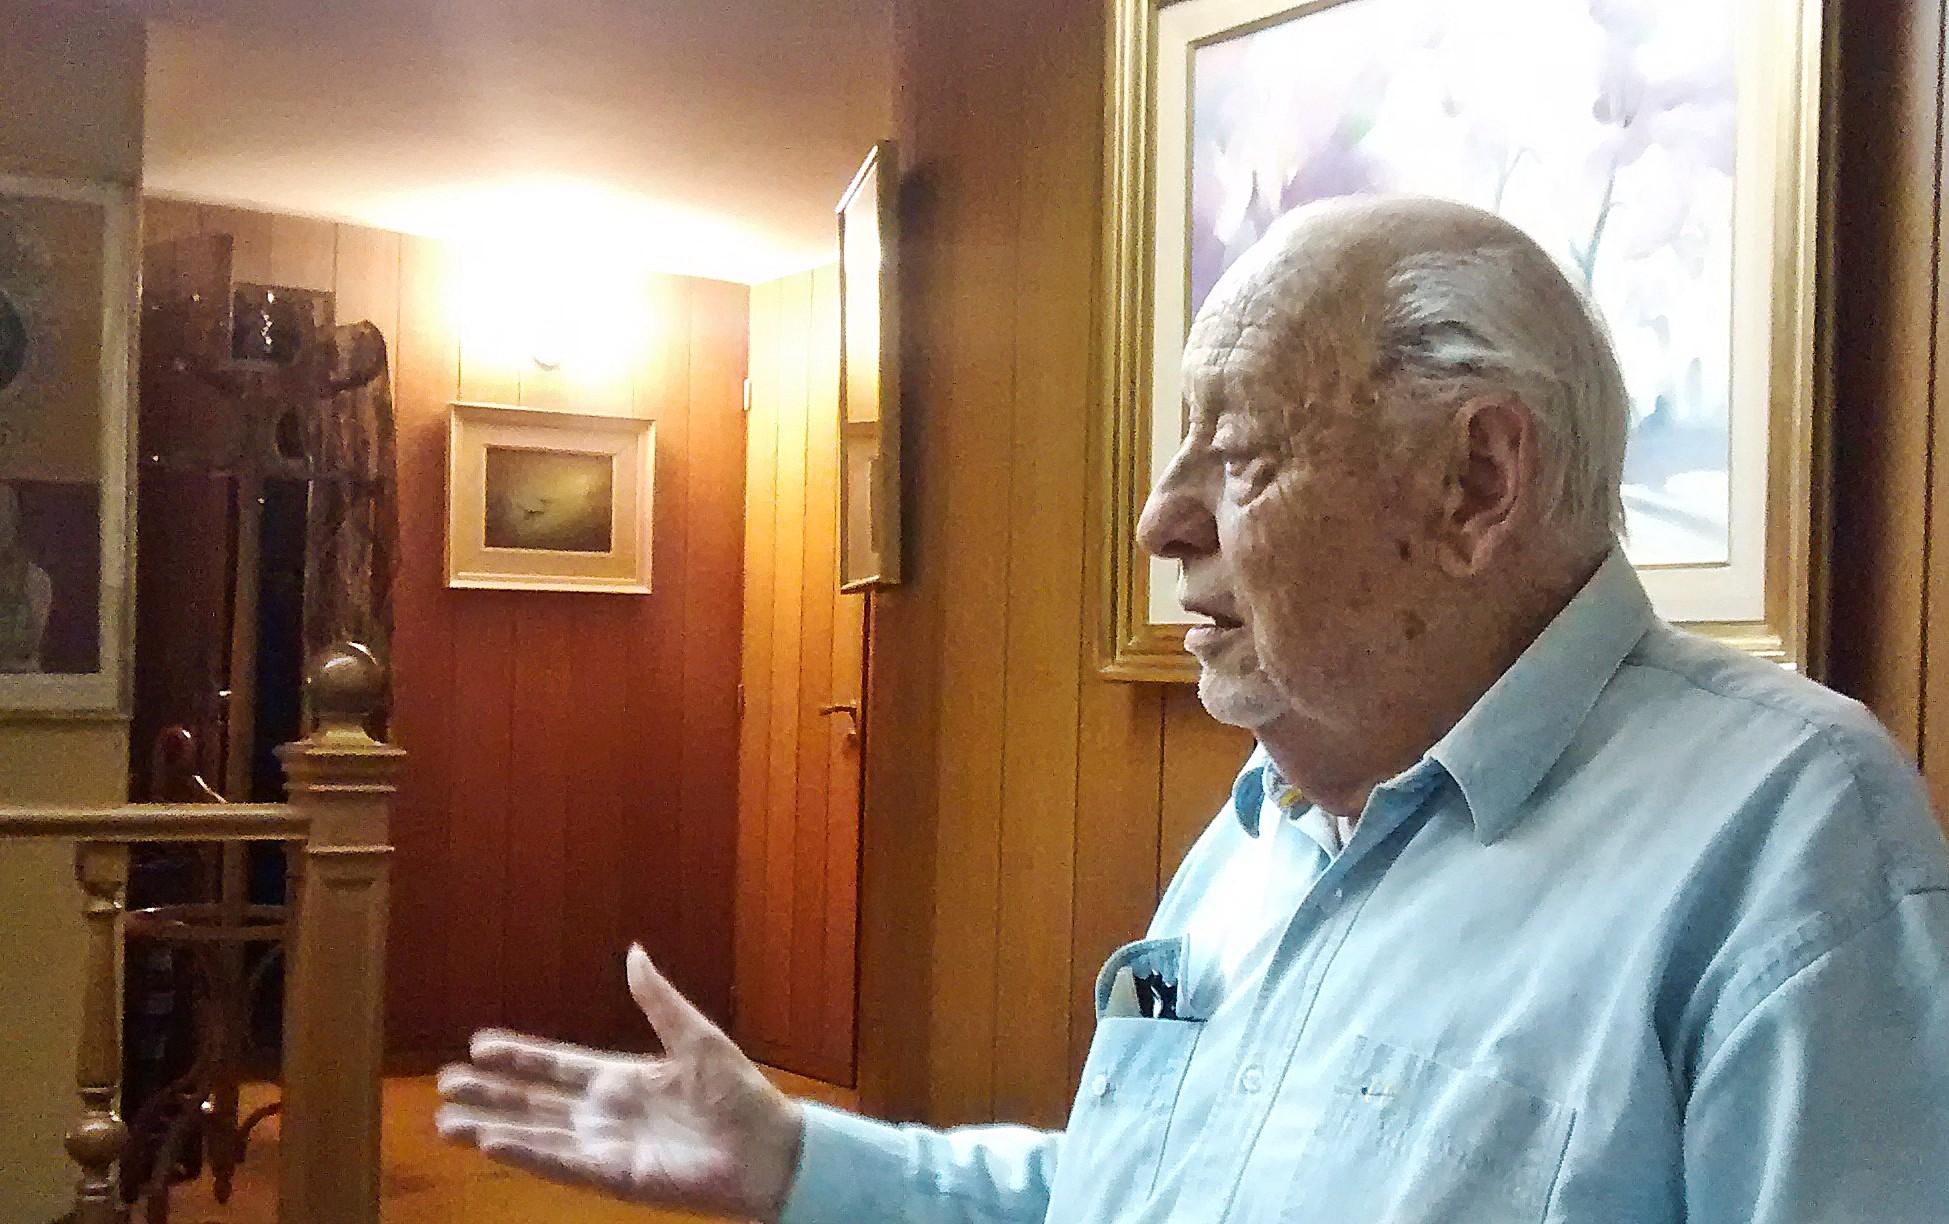 Domingo 31 de mayo de 2015. La Plata, Provincia de Buenos Aires. Domicilio particular del Dr. Ideler Tonelli.